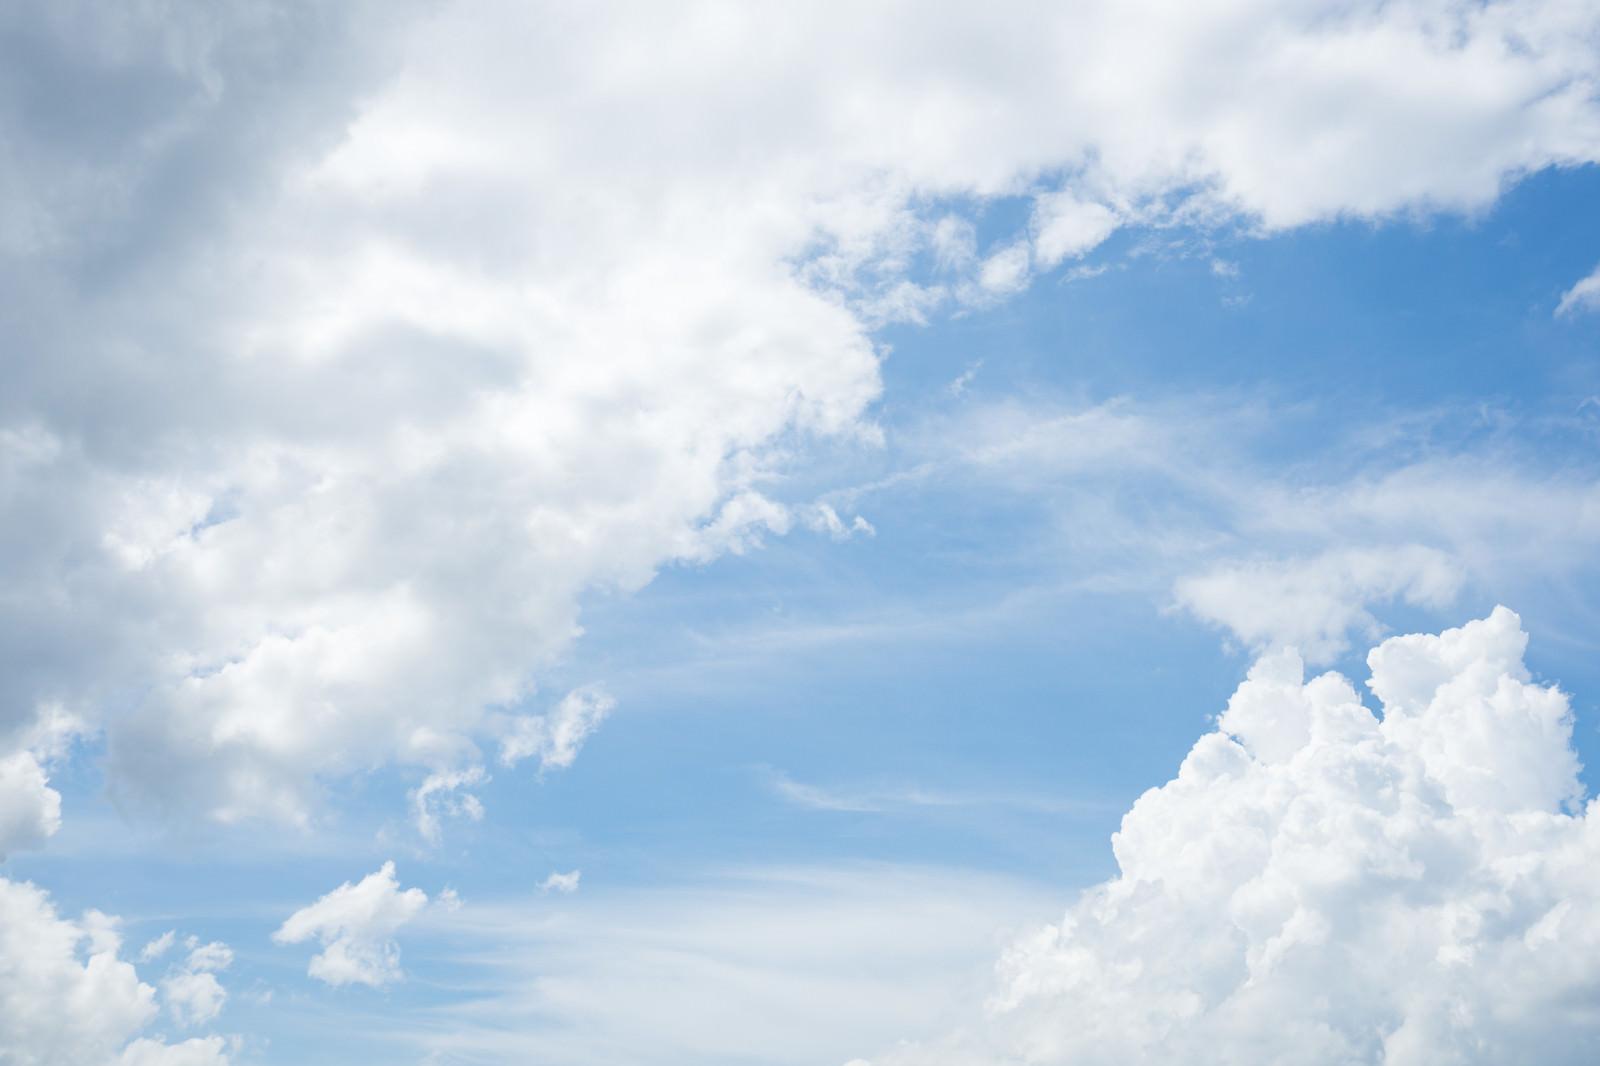 「晴れた空と雲の空晴れた空と雲の空」のフリー写真素材を拡大